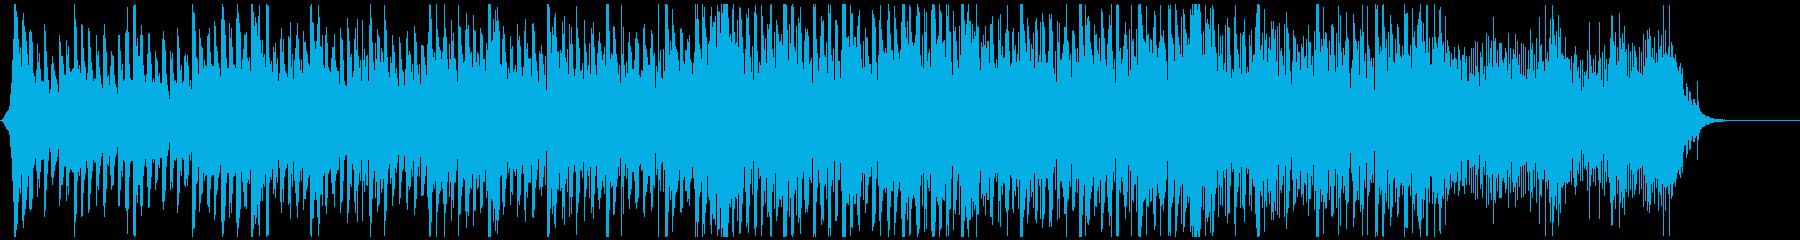 クリーンな企業・VP系BGMの再生済みの波形